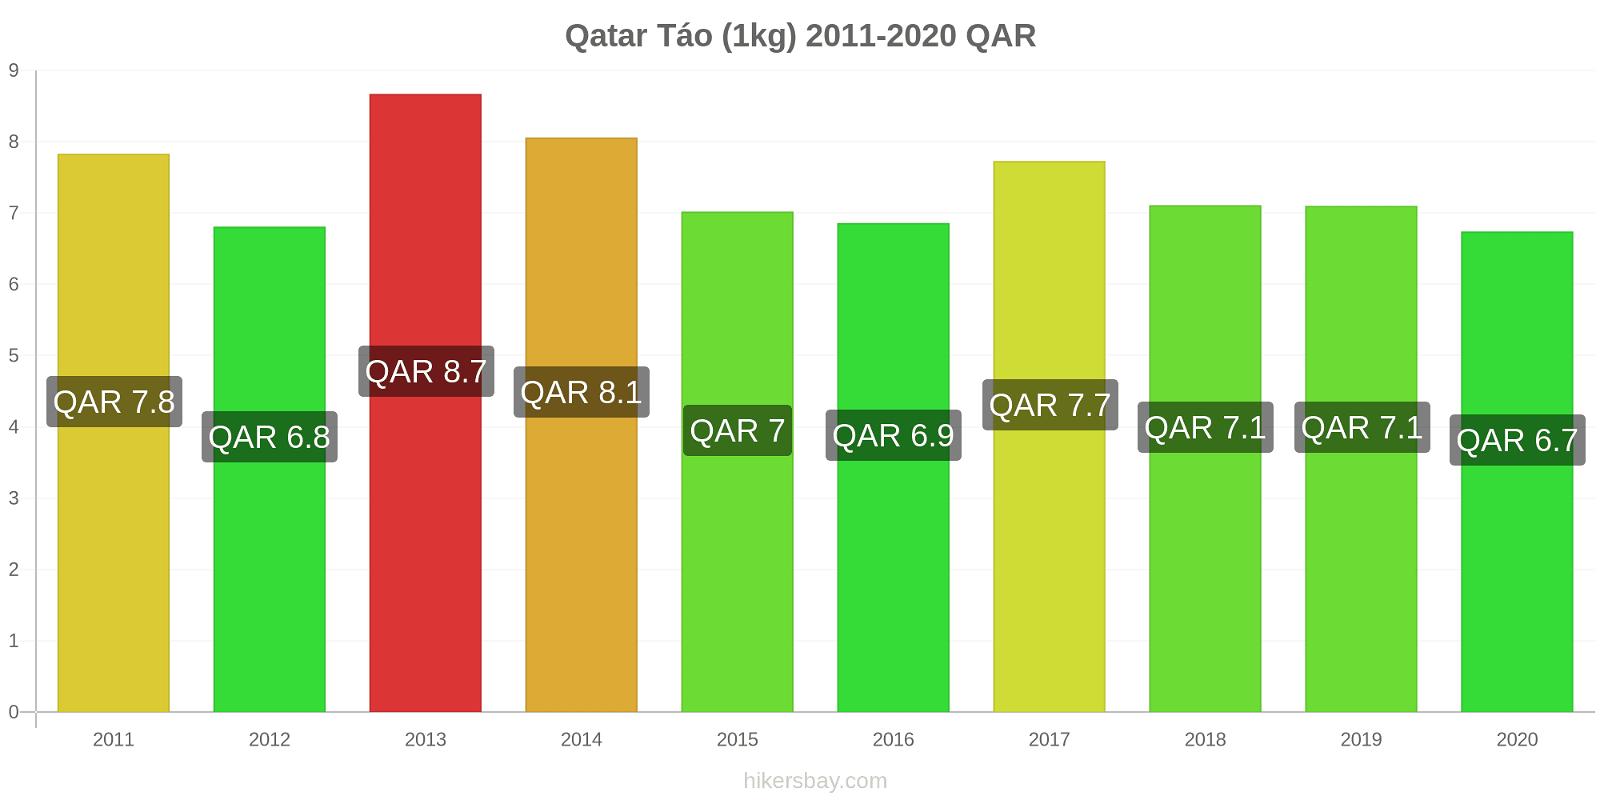 Qatar thay đổi giá Táo (1kg) hikersbay.com